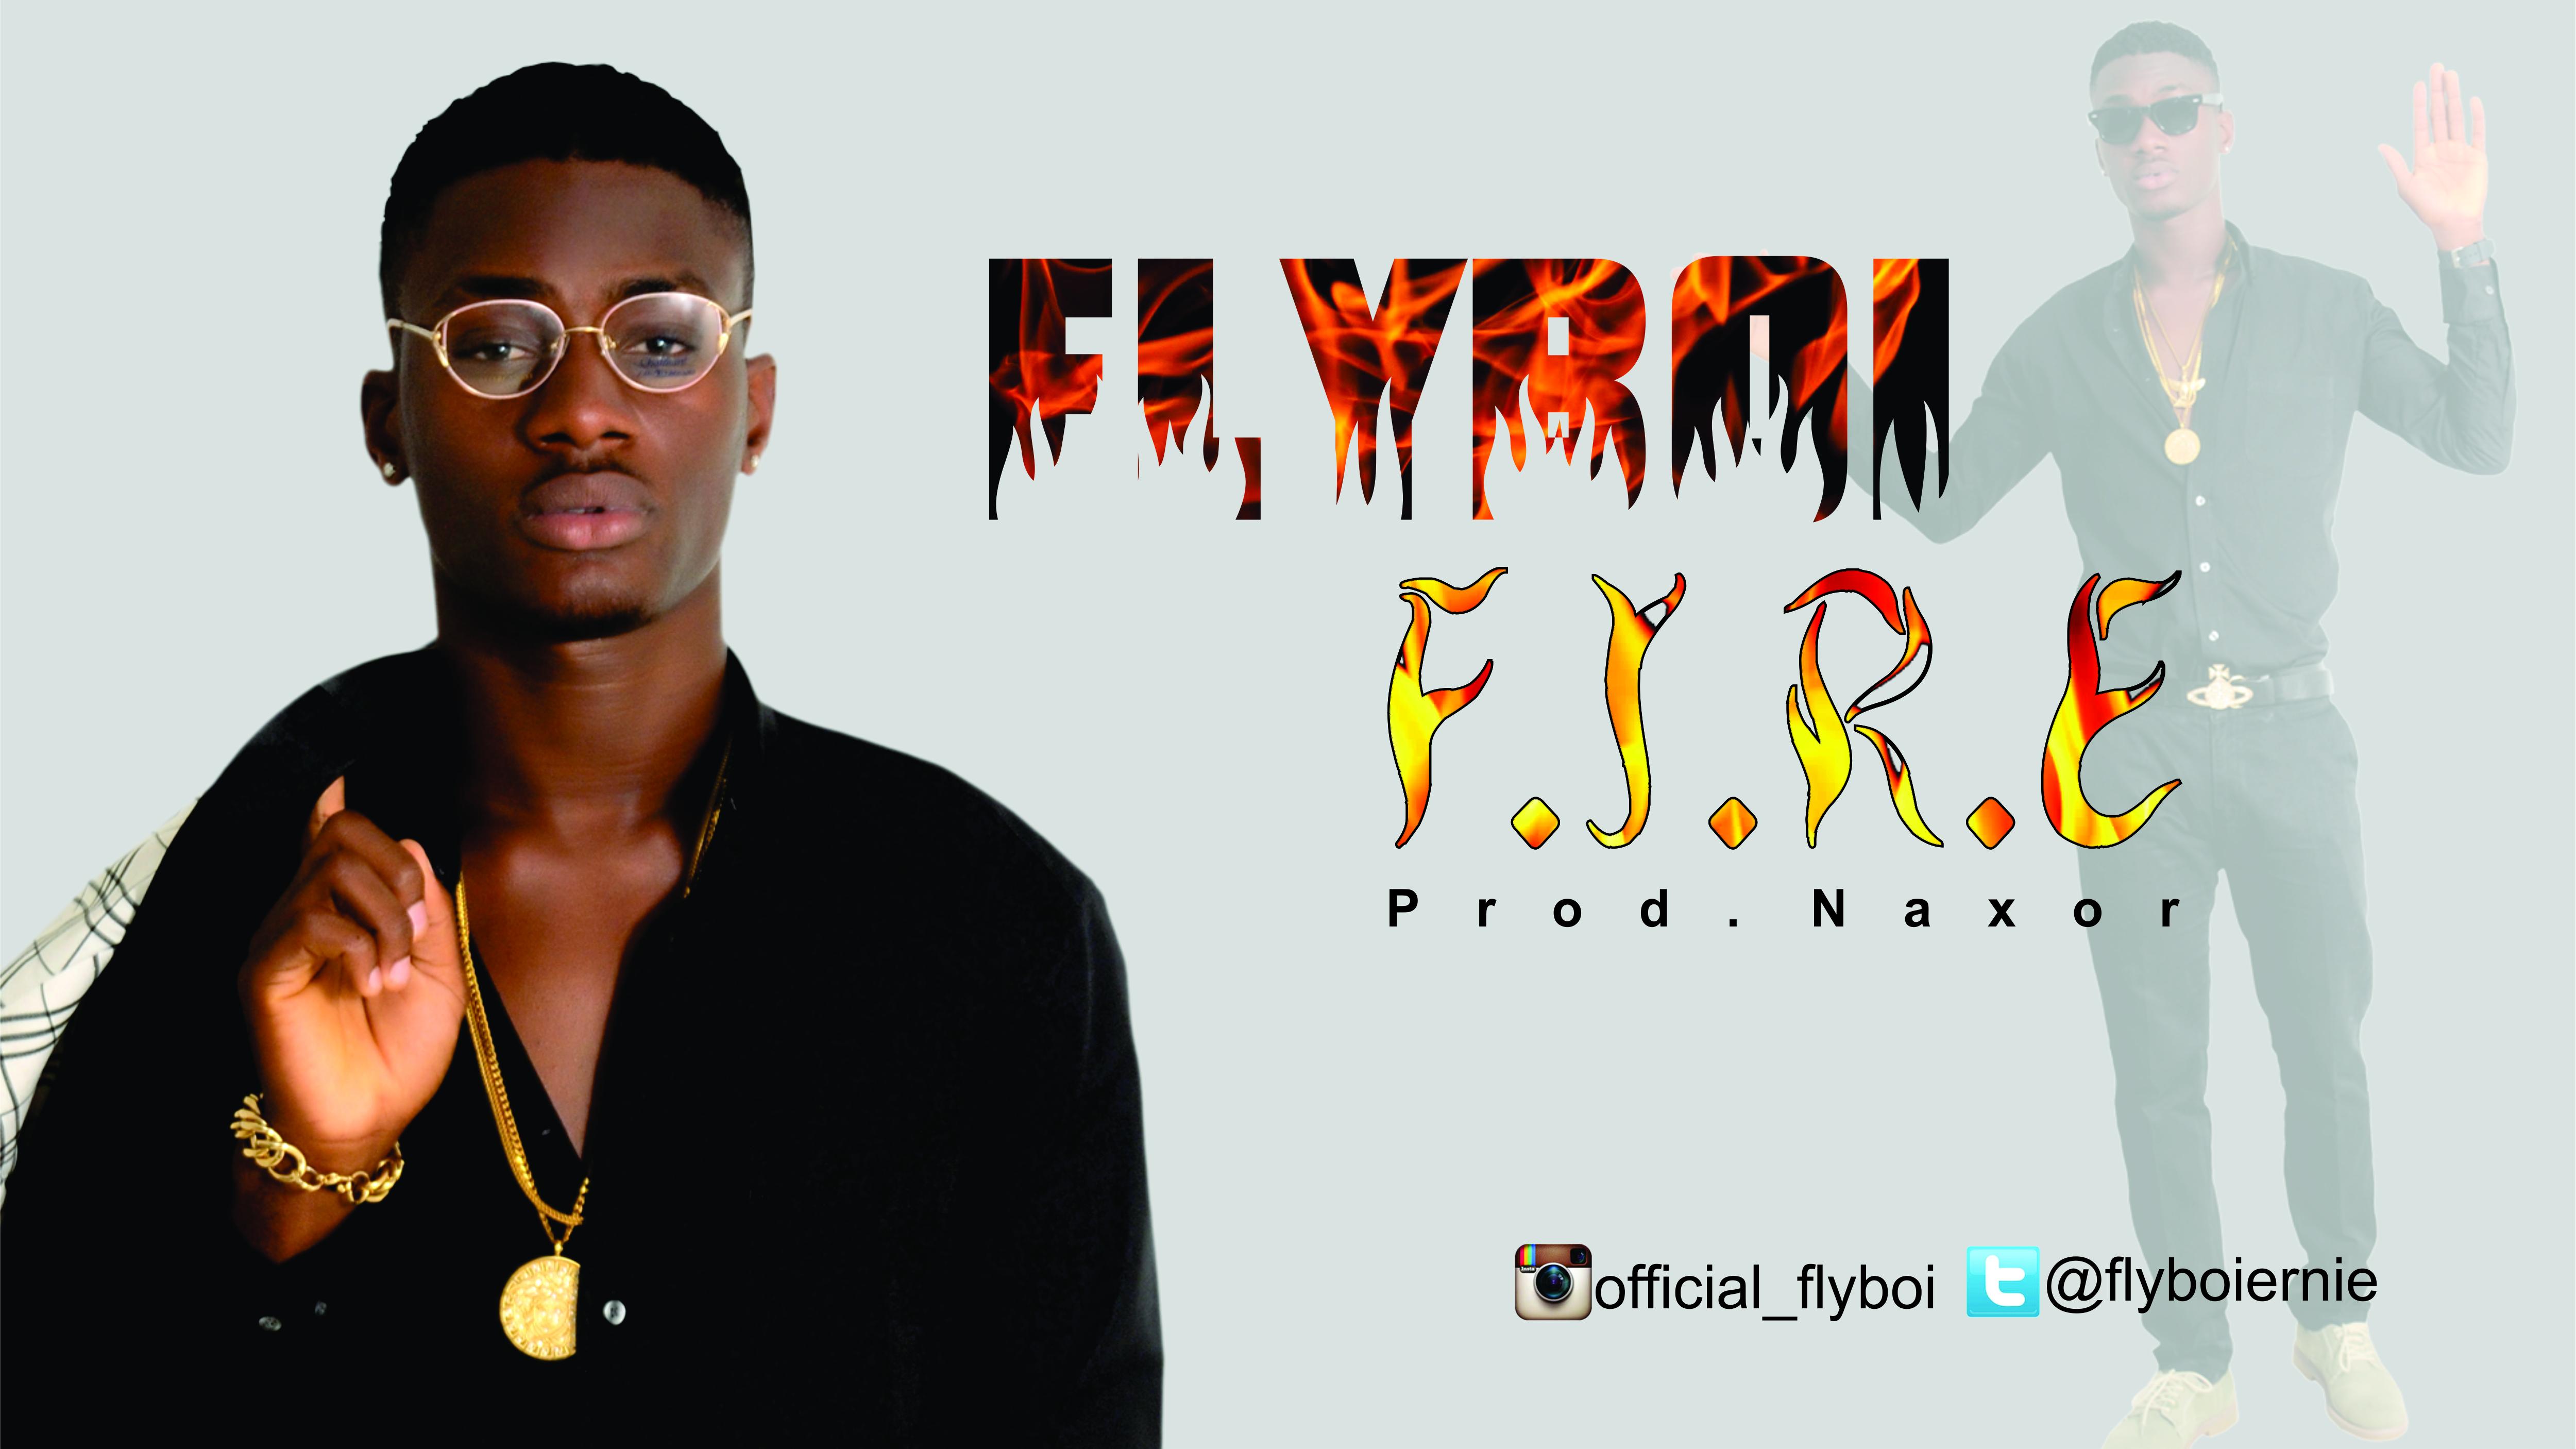 flyboi cd